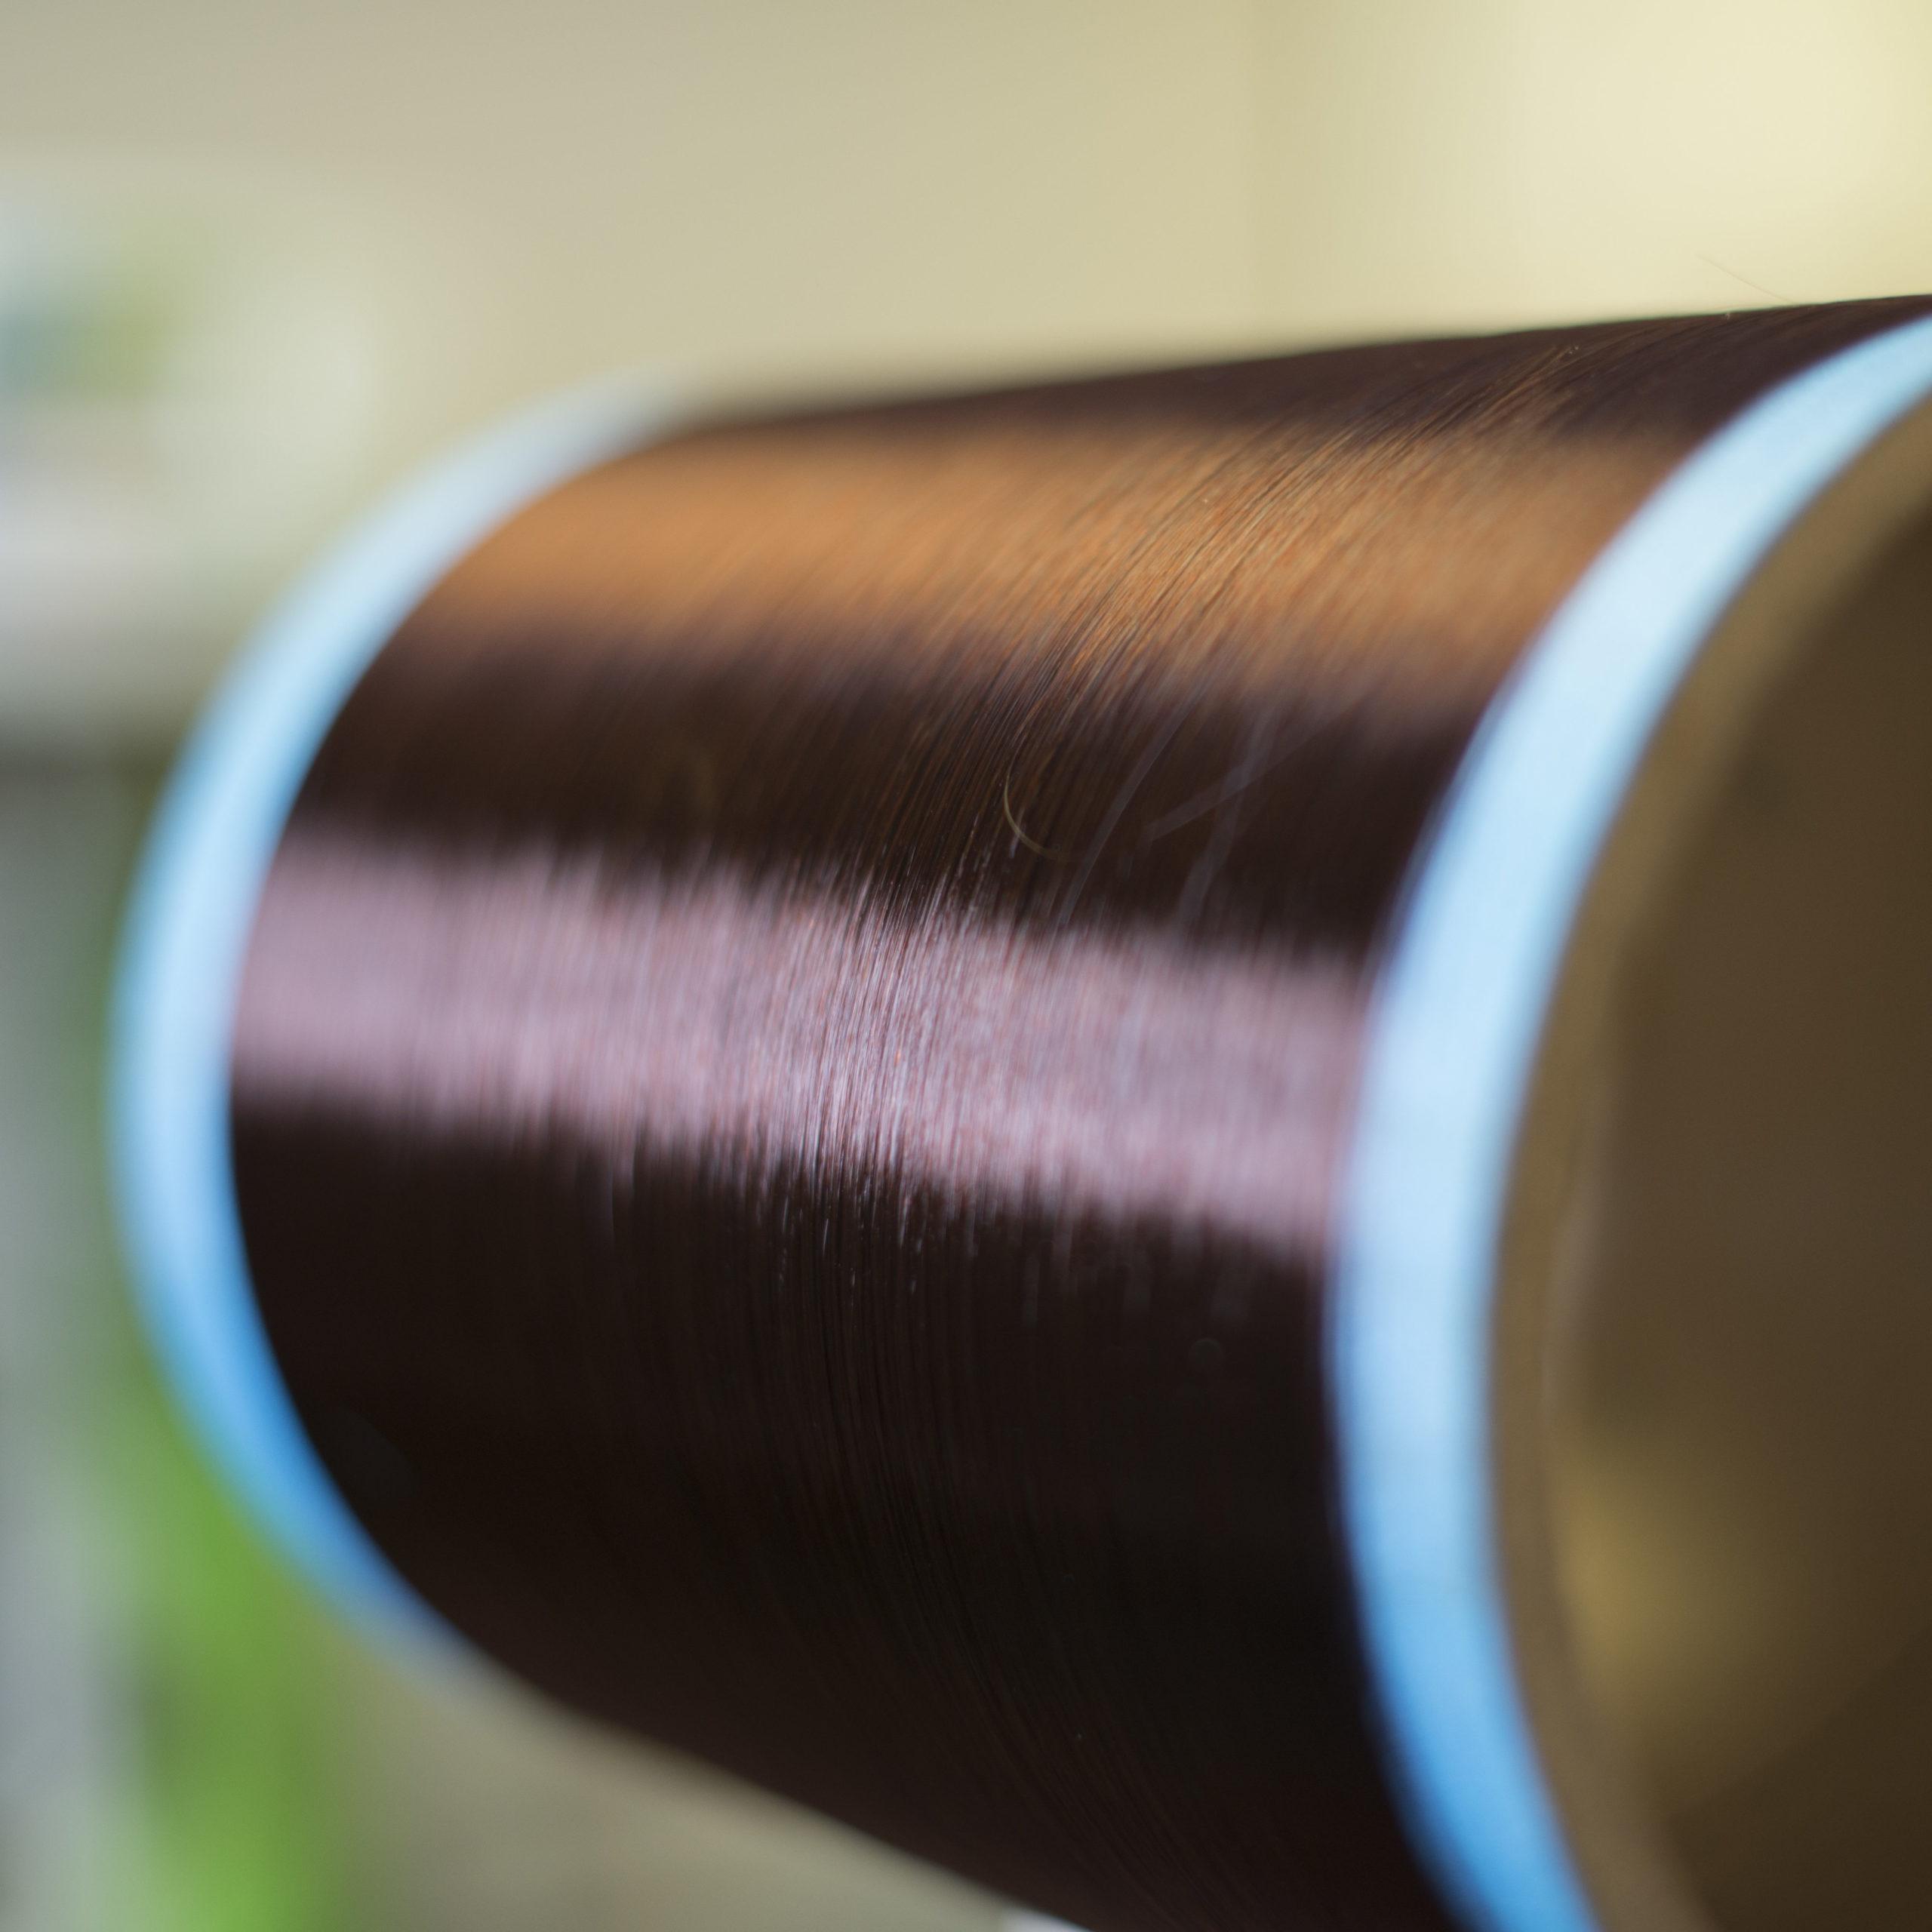 spool of carbon fiber